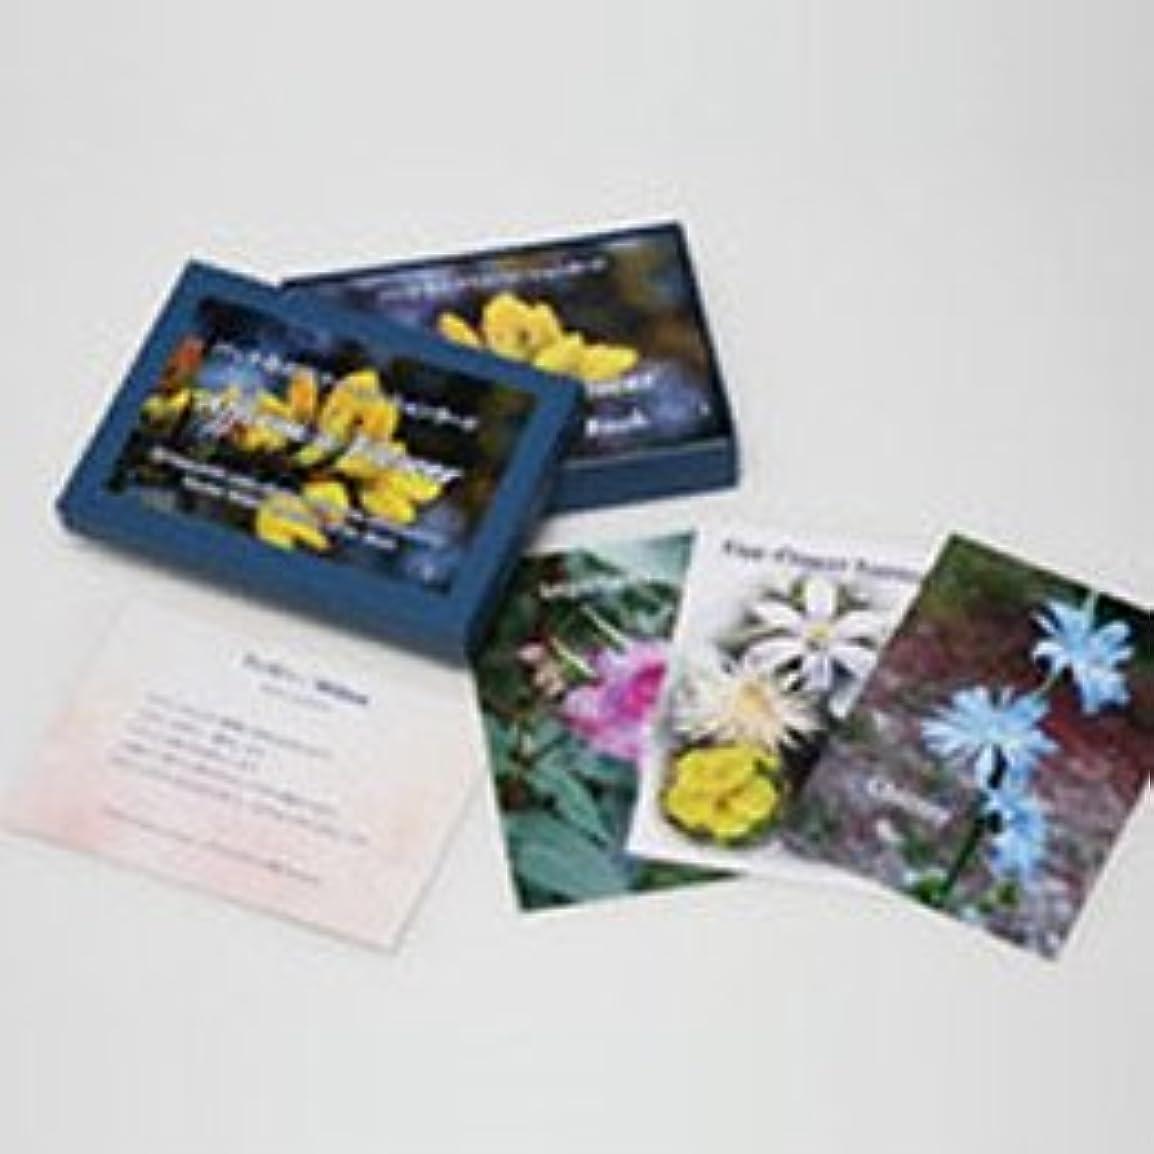 インサート集中アンソロジーバッチアファメーションカード(38枚) 日本国内正規品